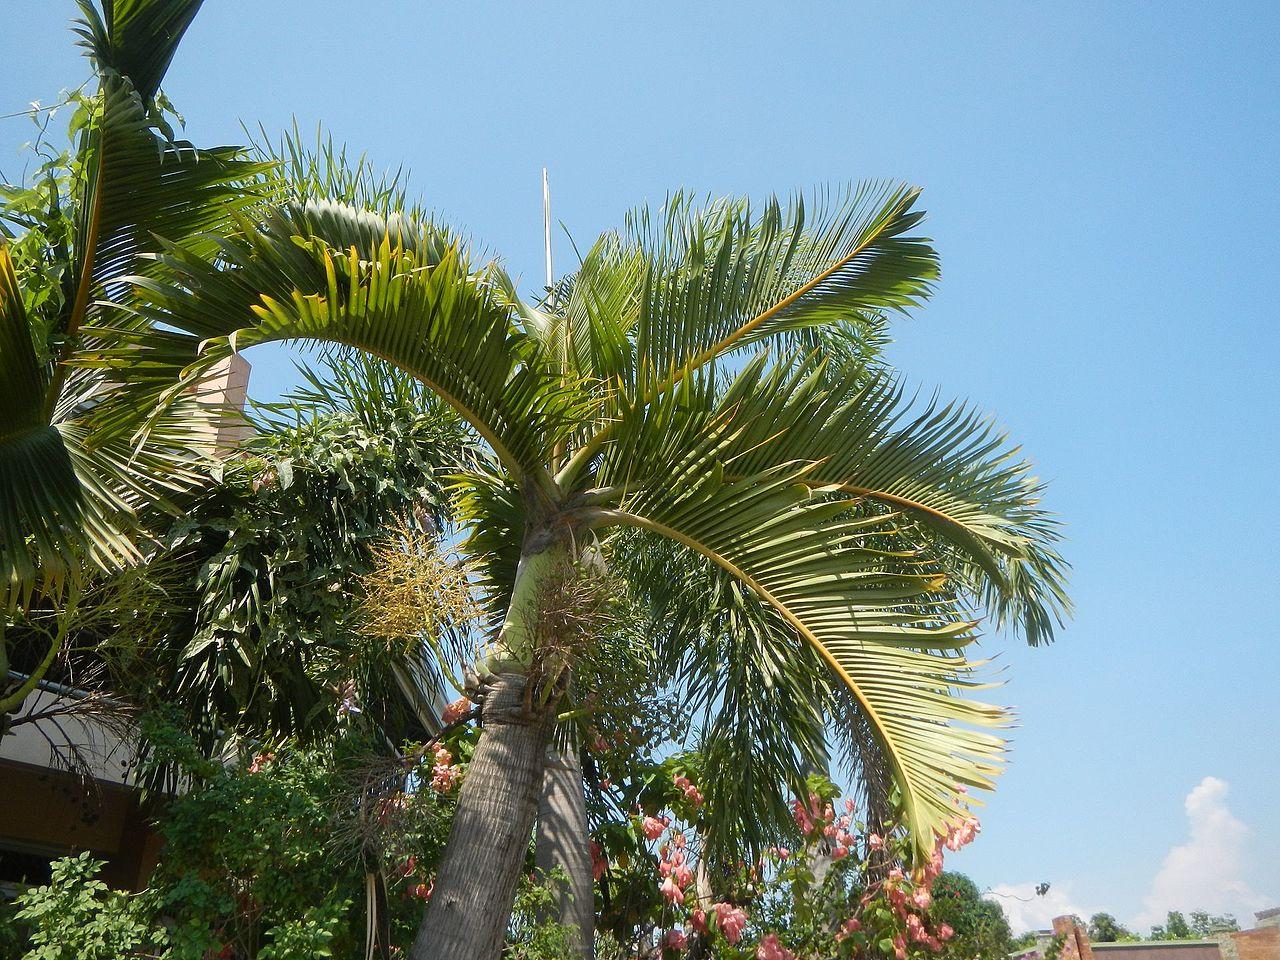 La Hyophorba lagenicaulis es una palmera preciosa